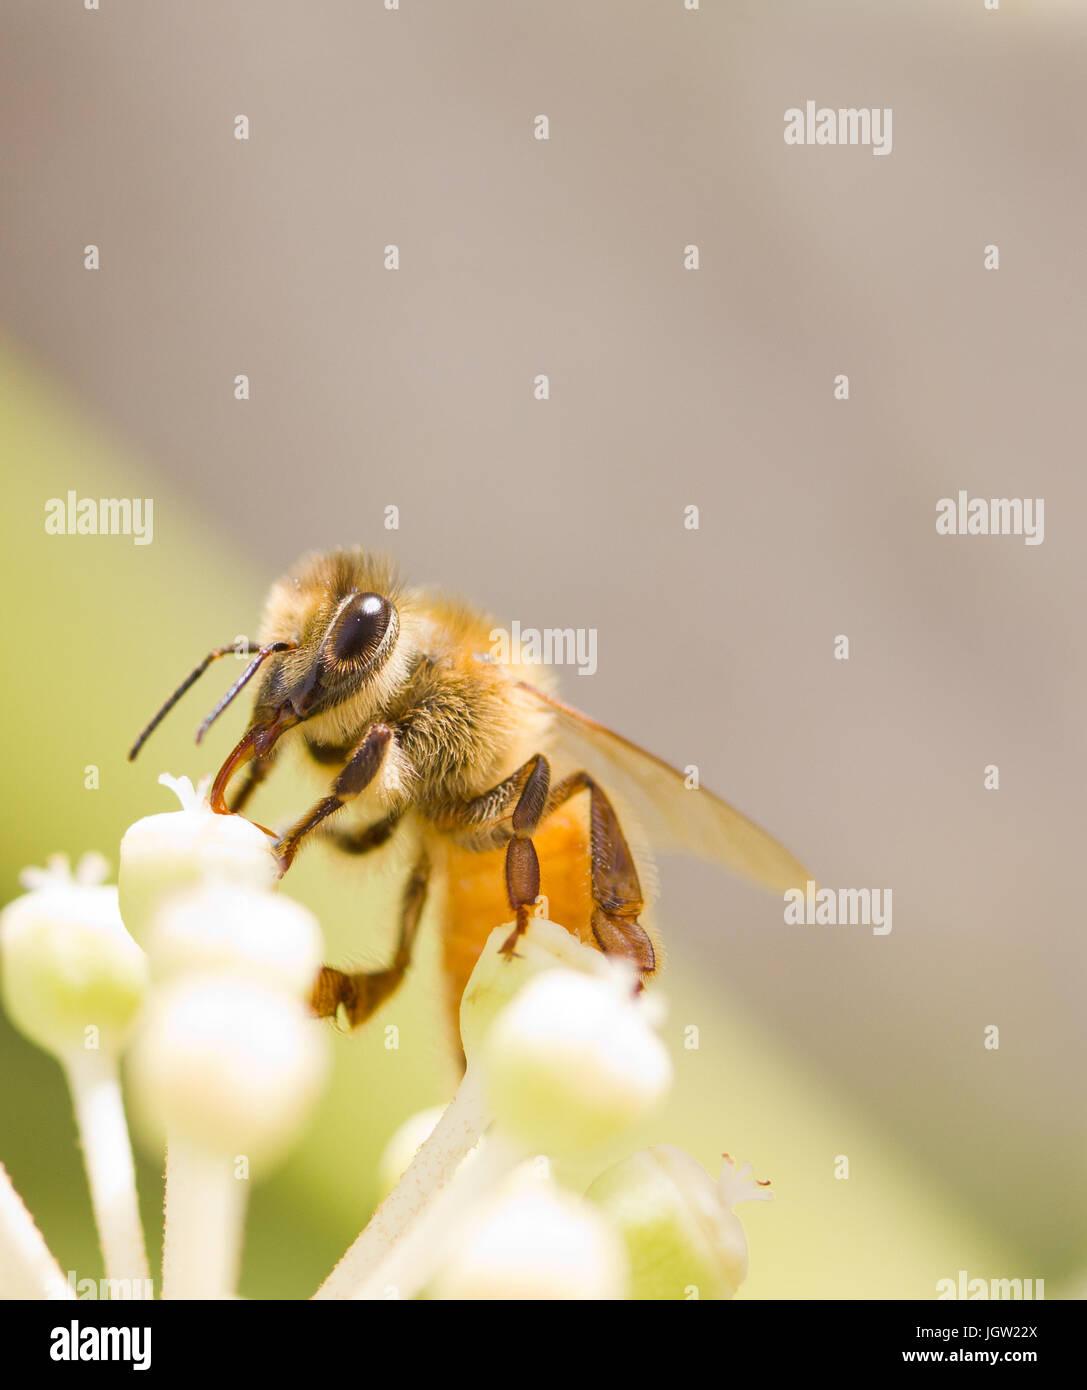 Recogiendo polen de abejas en flor blanca con fondo verde foto borrosa Imagen De Stock